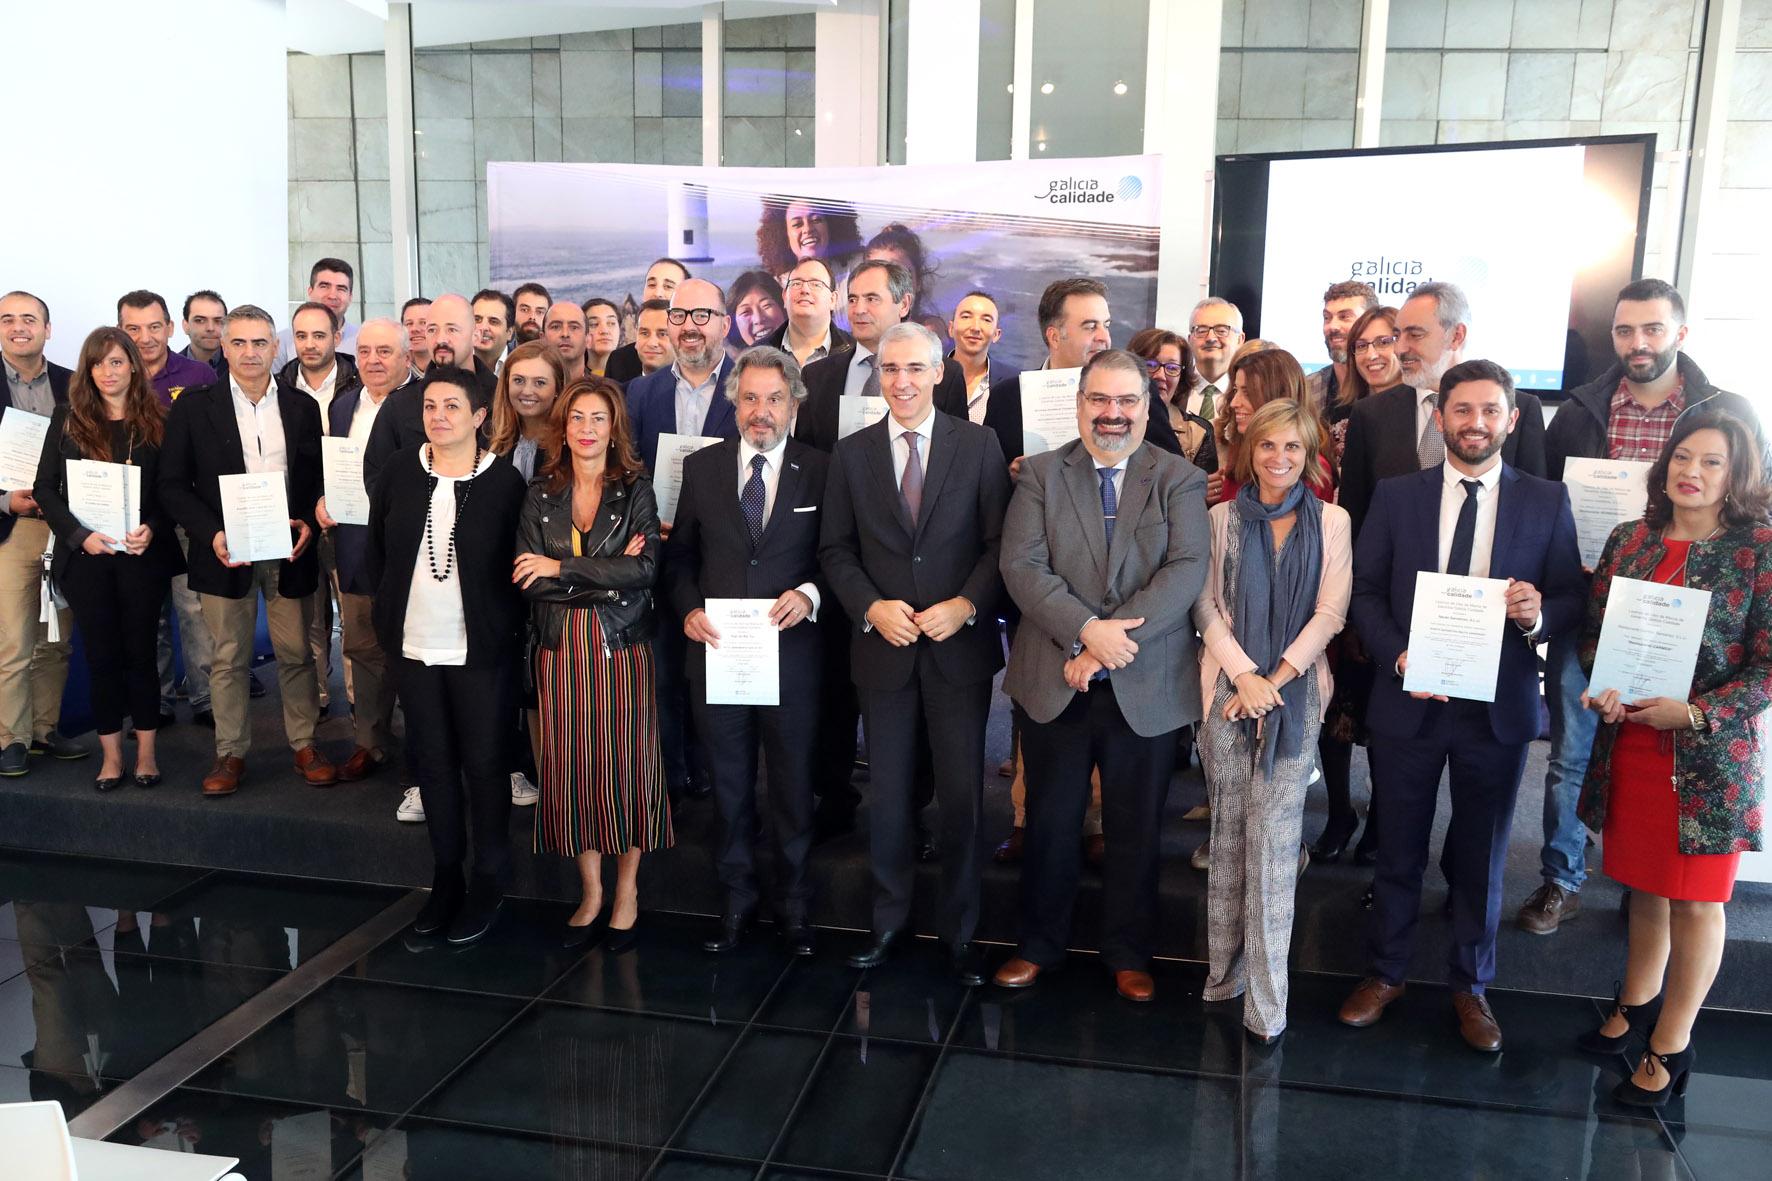 Foto de familia cos representantes dos establecementos turísticos con selo Galicia Calidade.